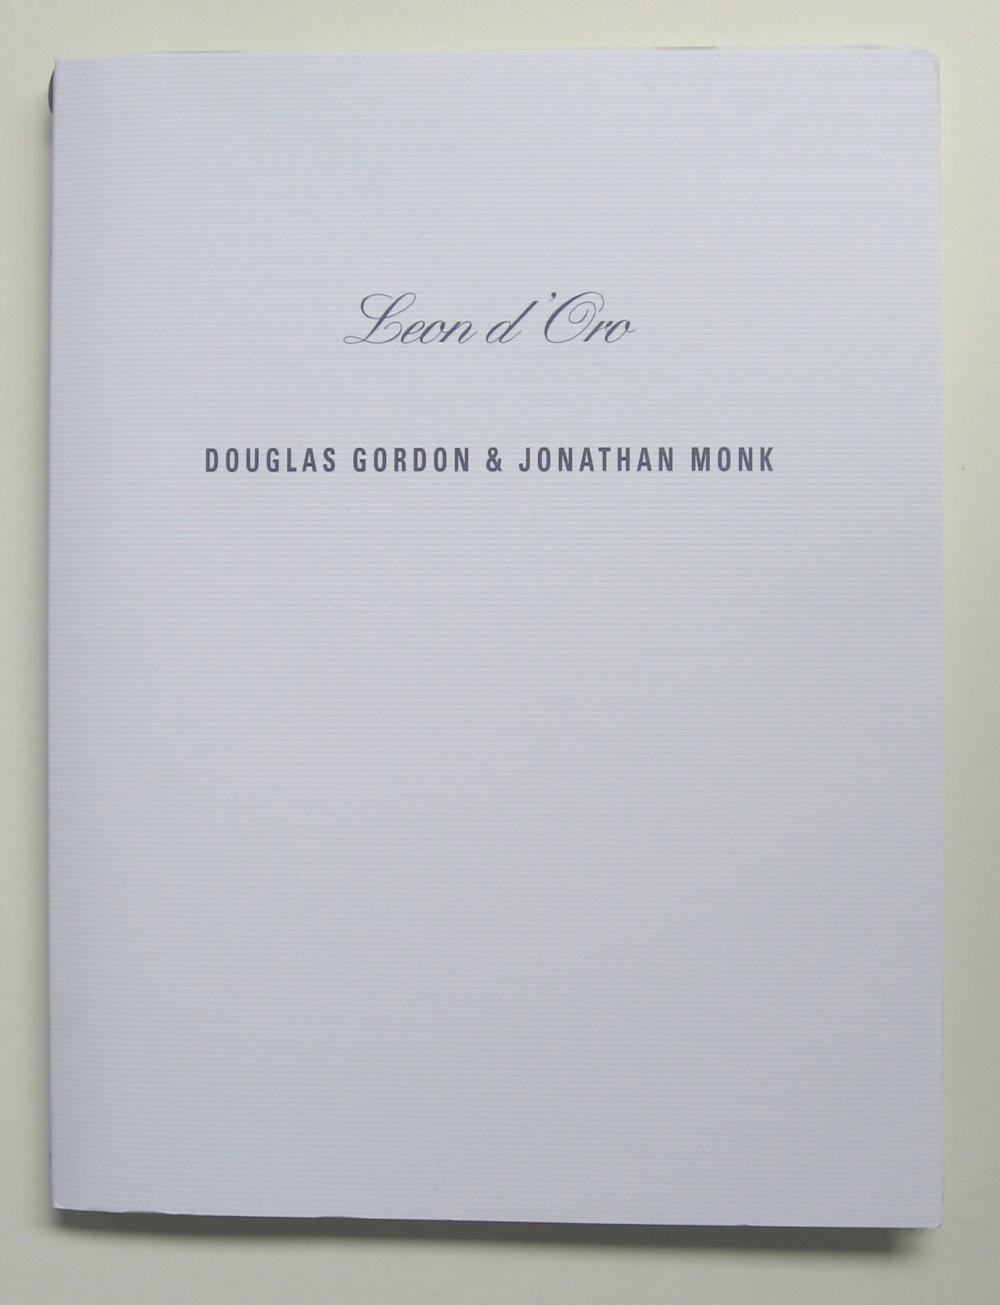 Leon d'Oro